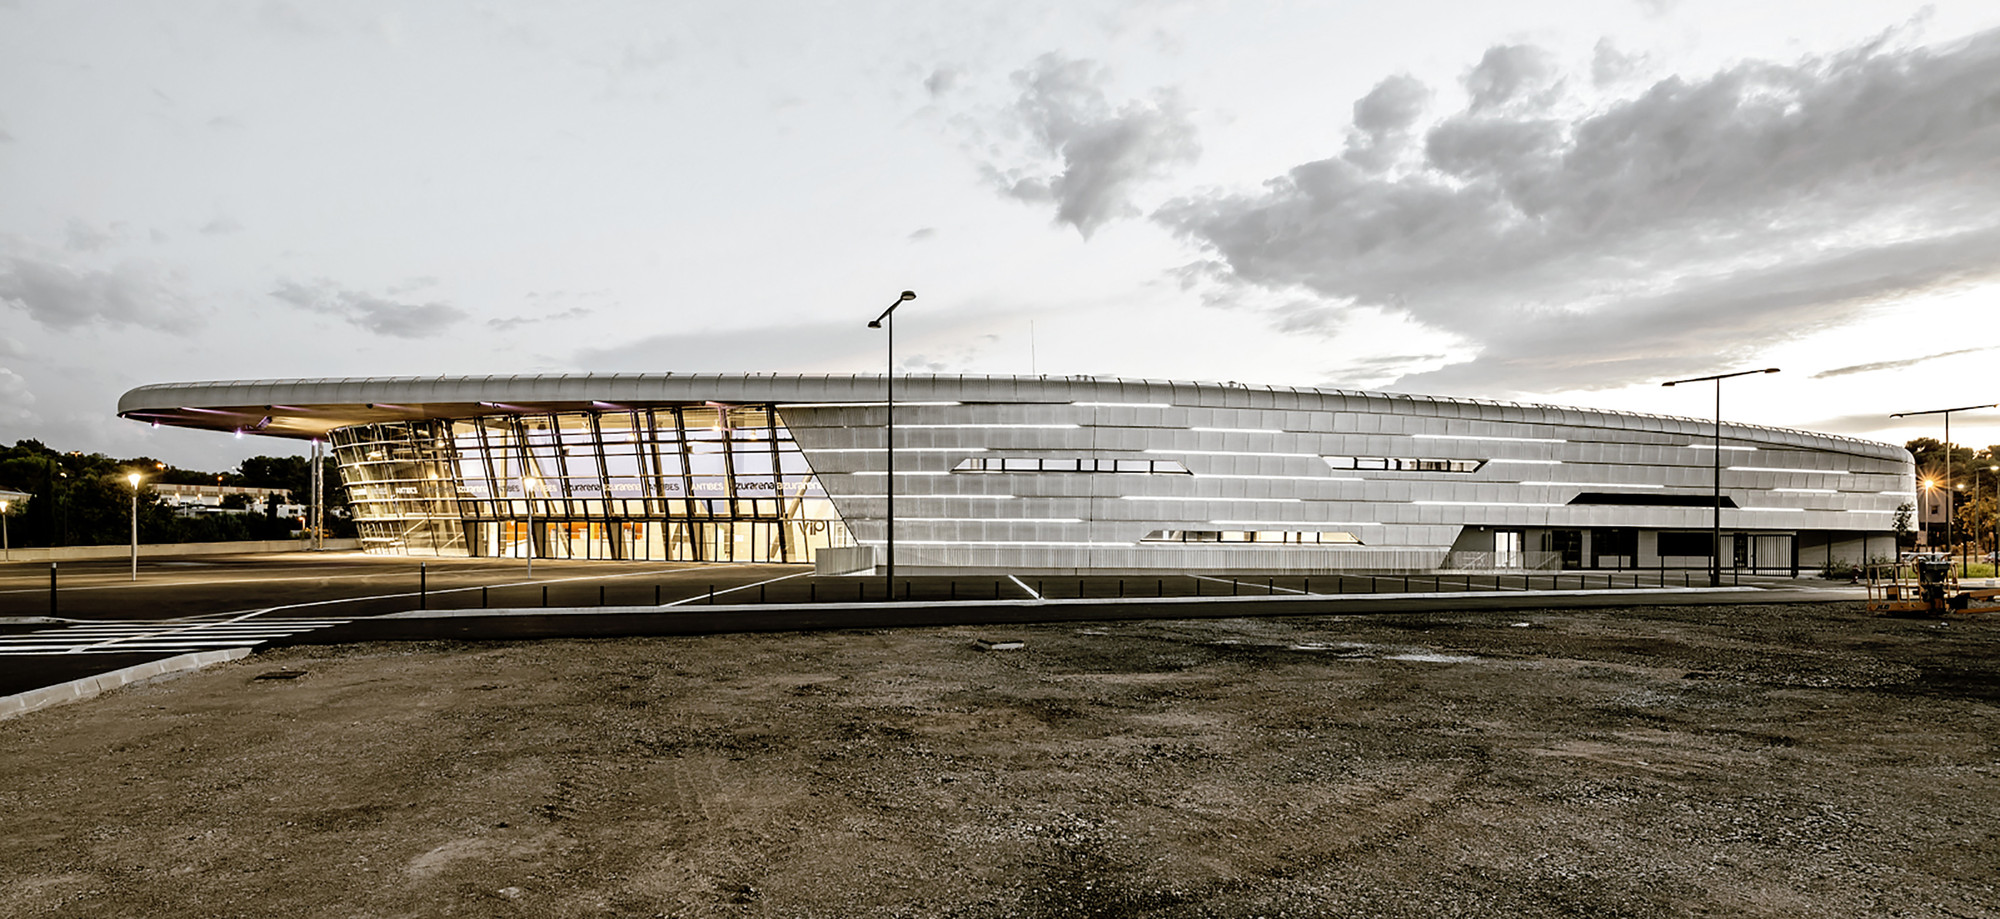 Azur Arena / Auer Weber, © Aldo Amoretti